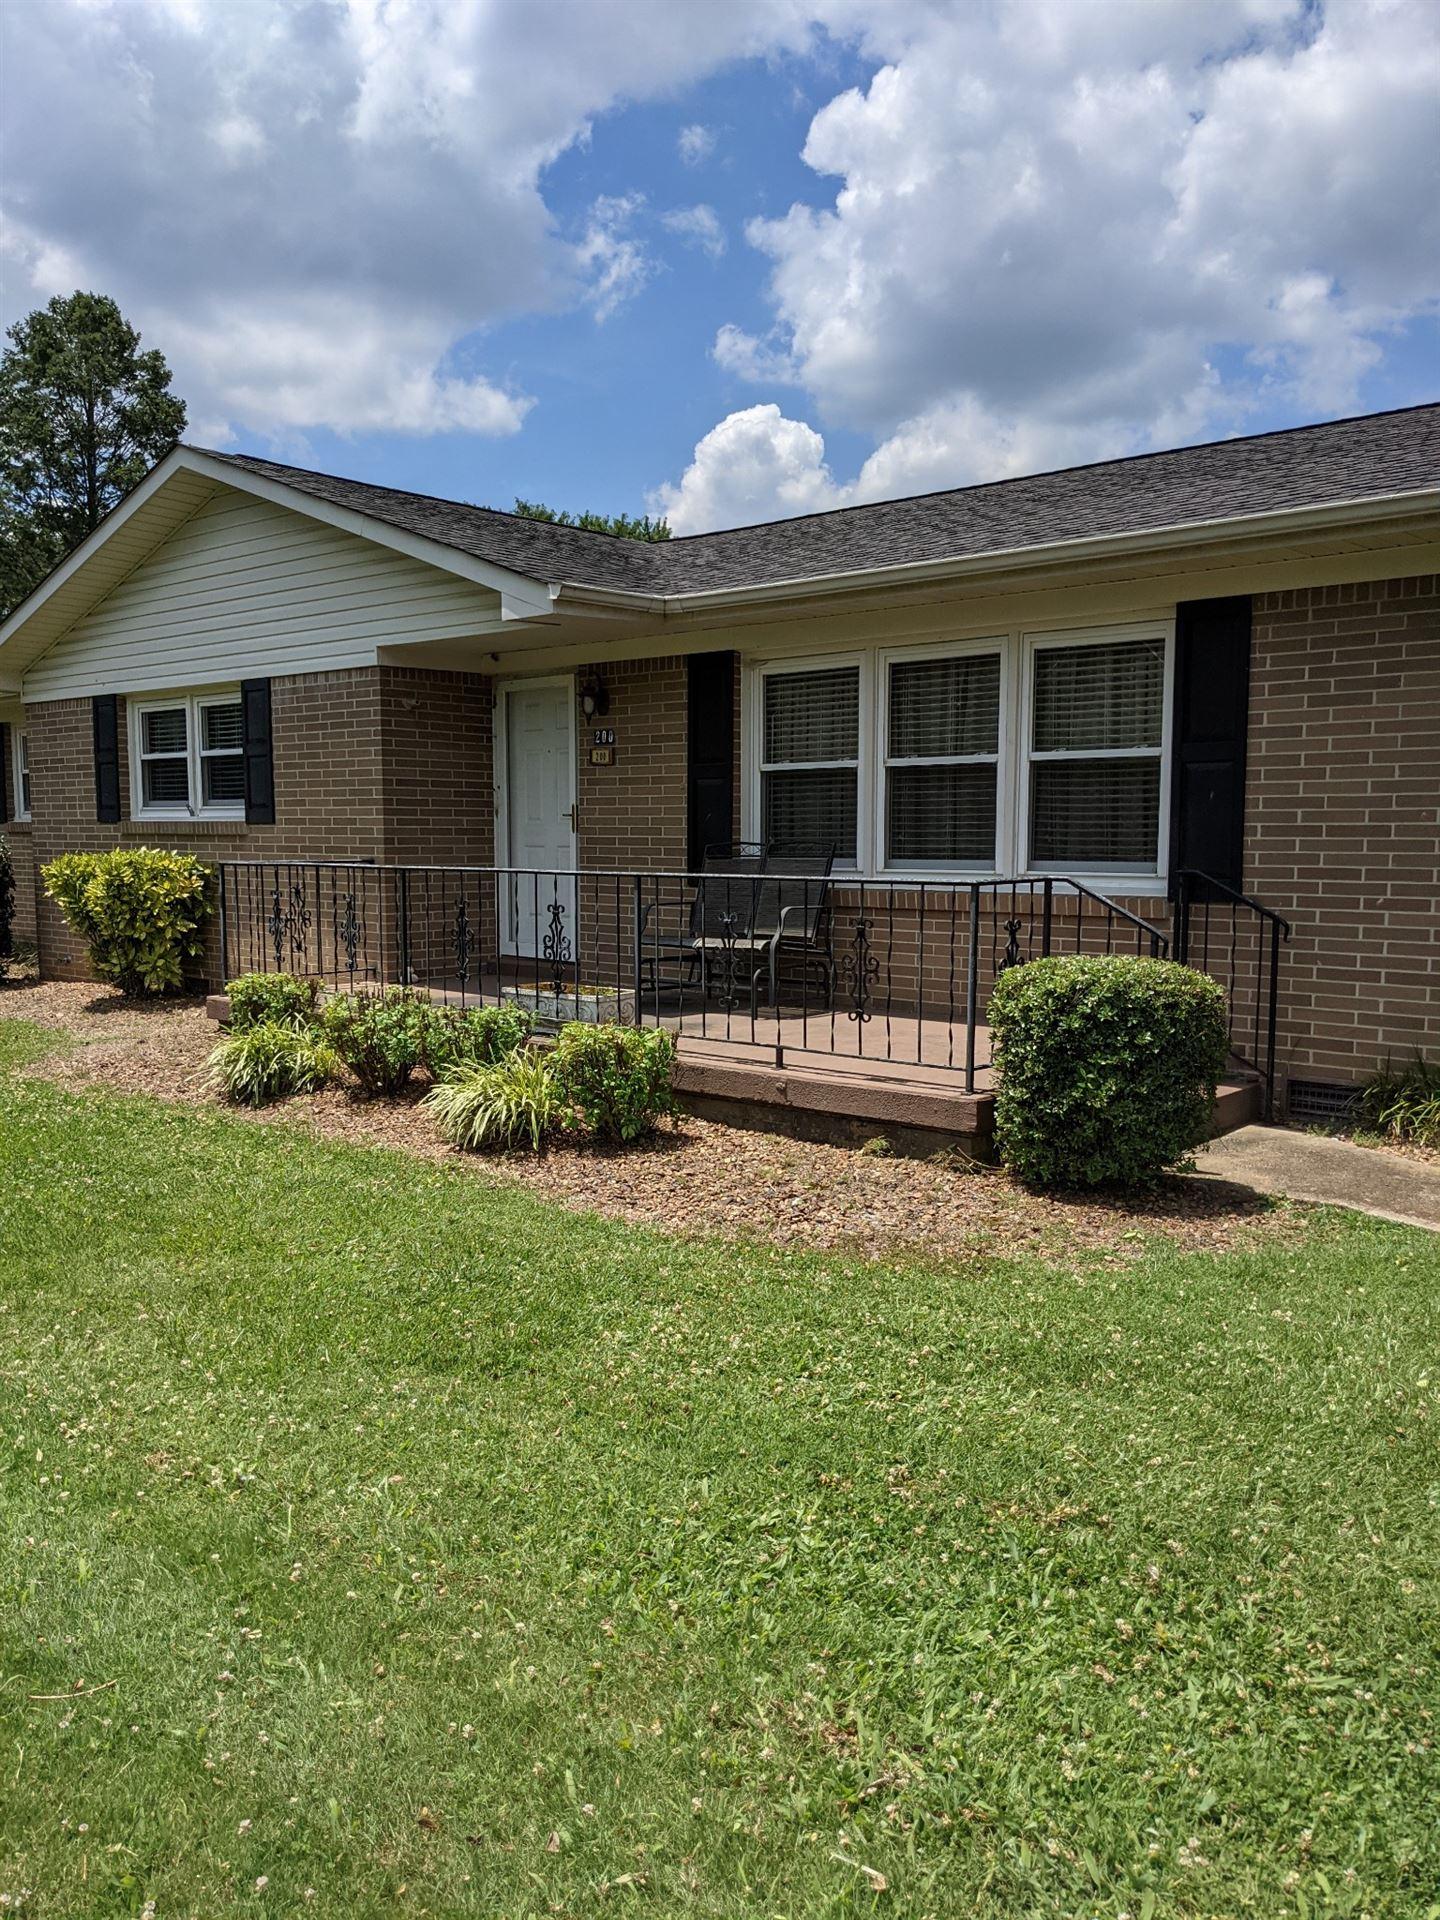 200 Patrick St, Estill Springs, TN 37330 - MLS#: 2264992